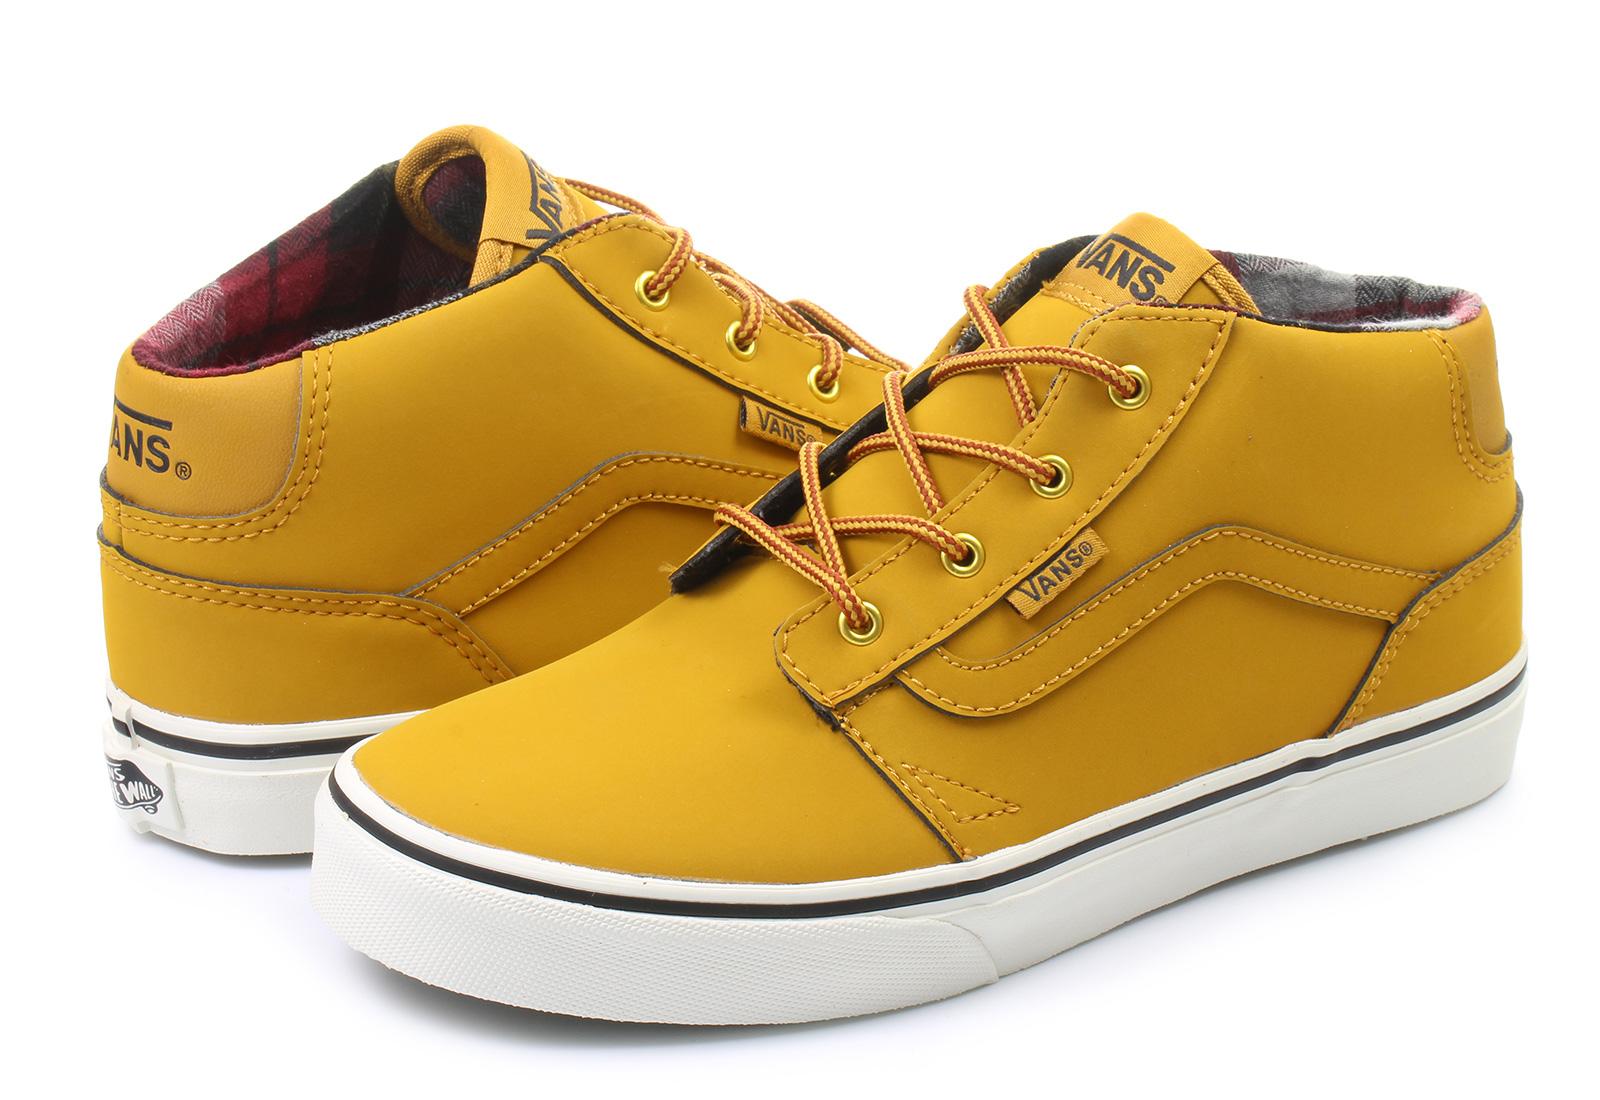 7e647095cd Vans Sneakers - Chapman Mid K - VA2XSSK76 - Online shop for sneakers ...